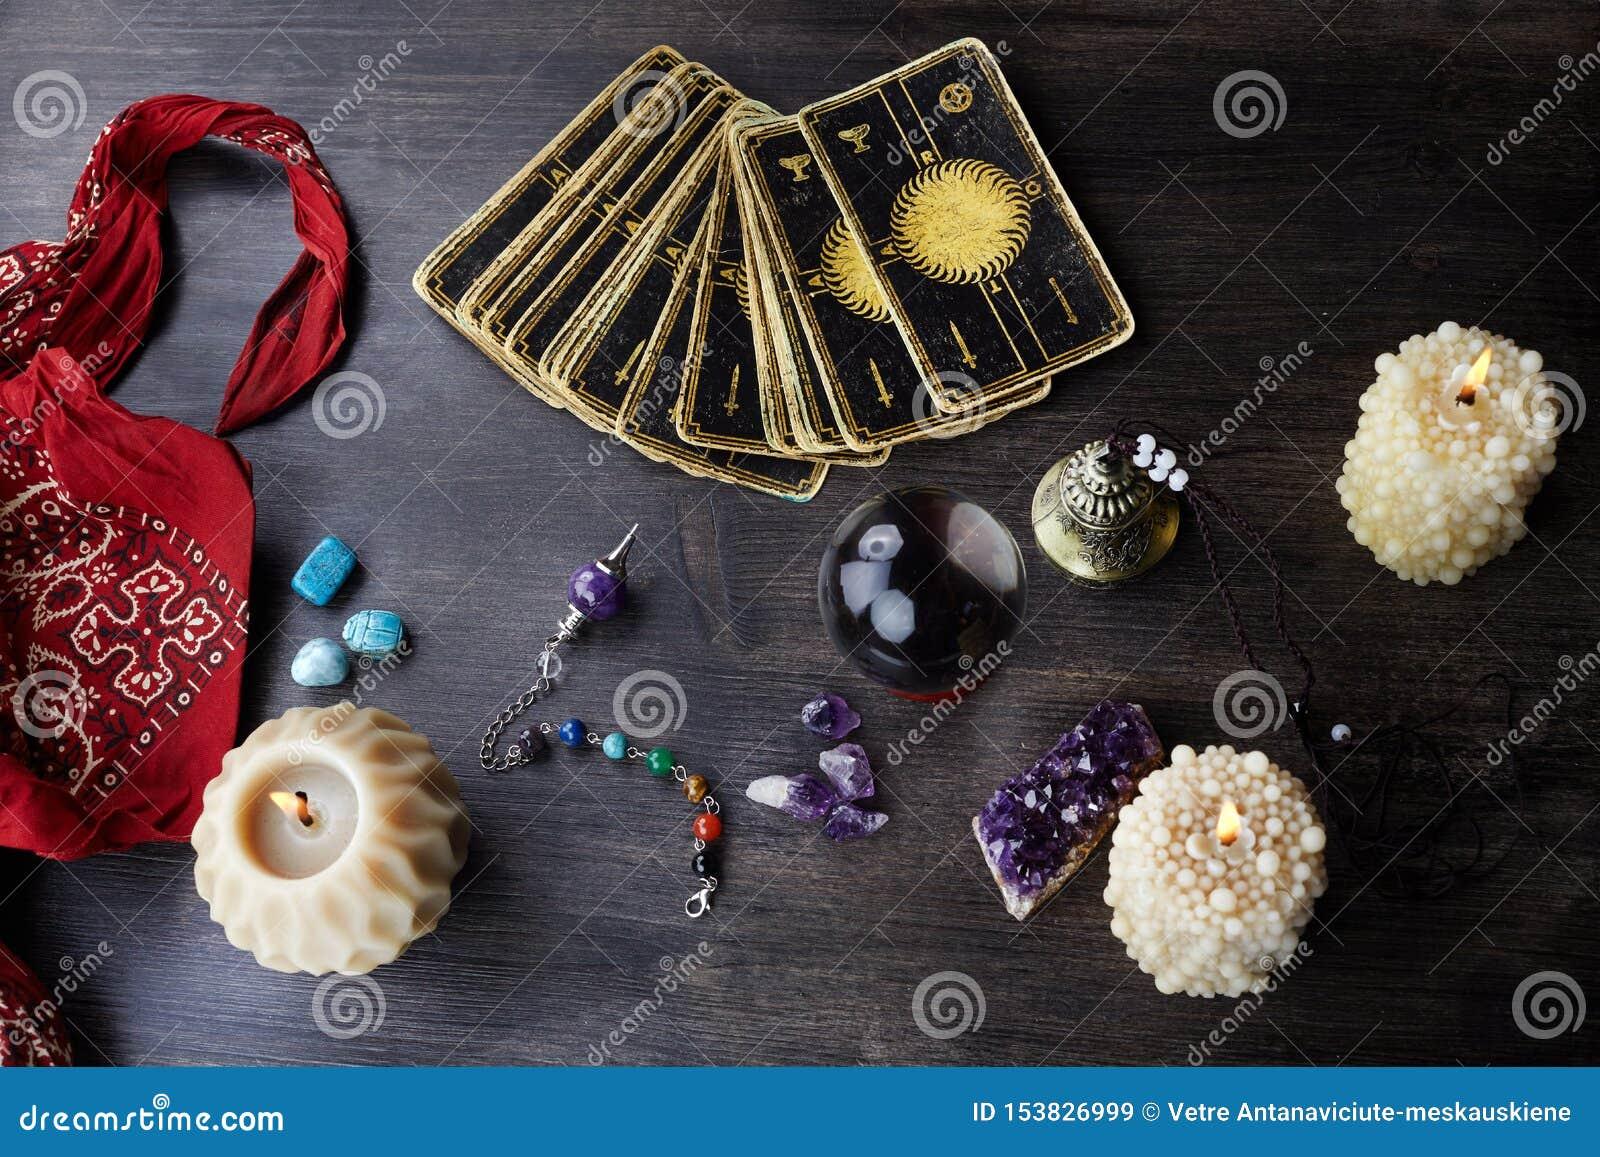 La vie toujours avec les cartes de tarot, les pierres magiques et les bougies sur la table en bois Fortune indiquant le seance ou